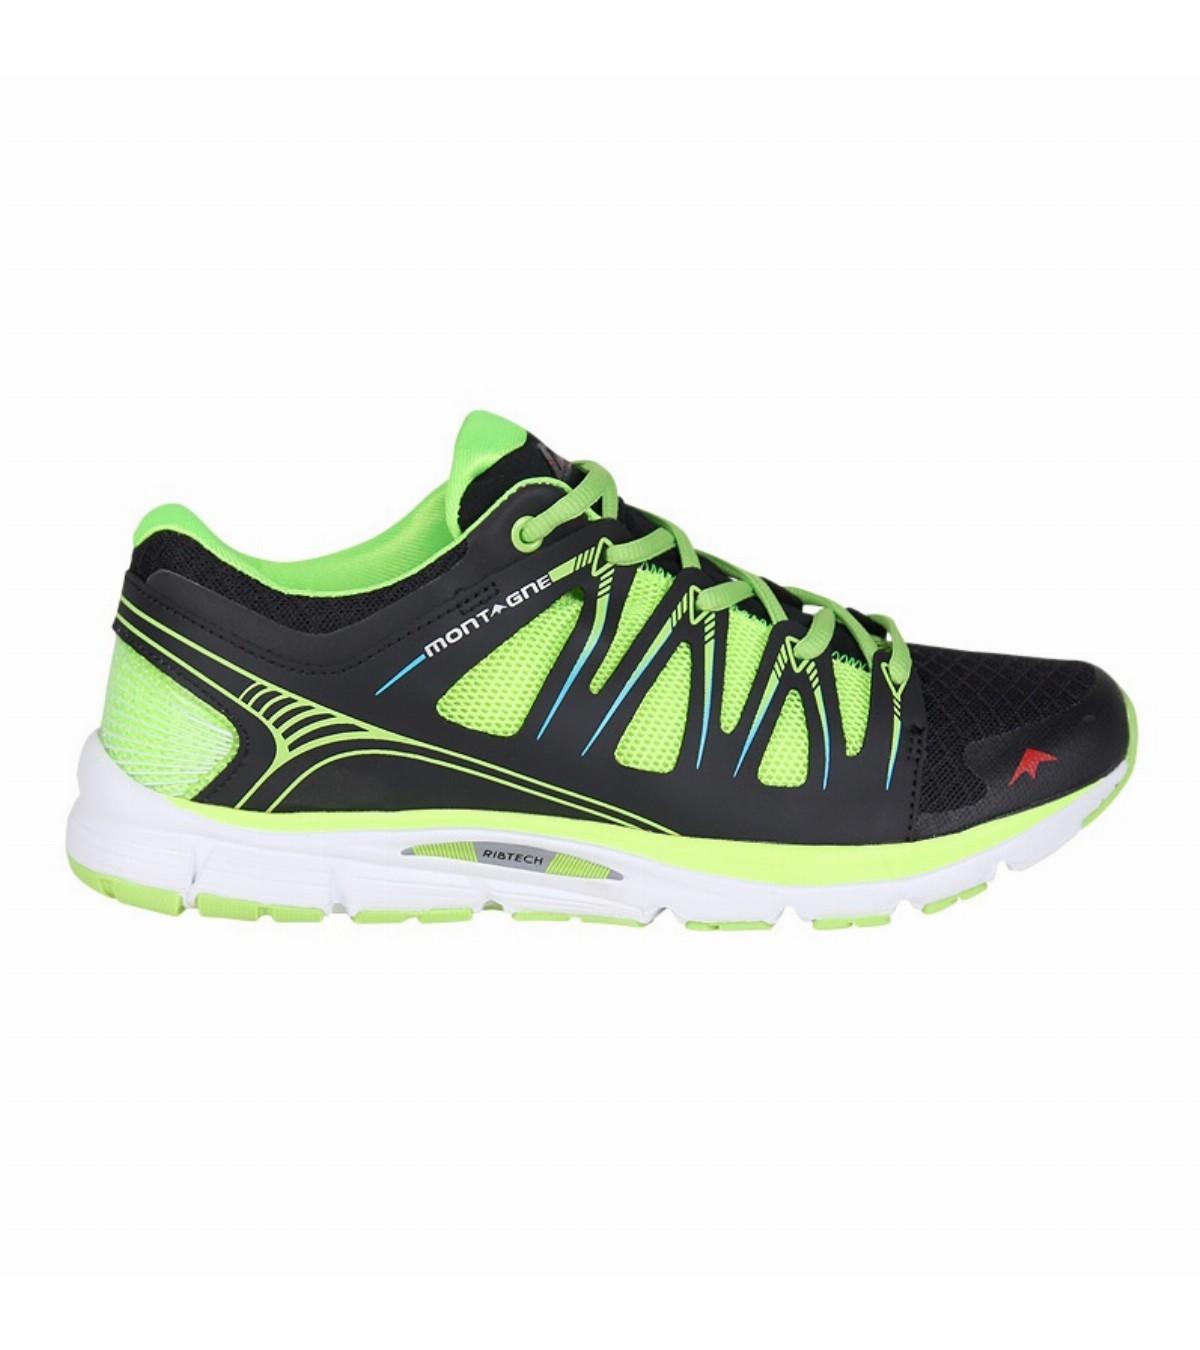 Zapatillas de running de hombre Ribtech